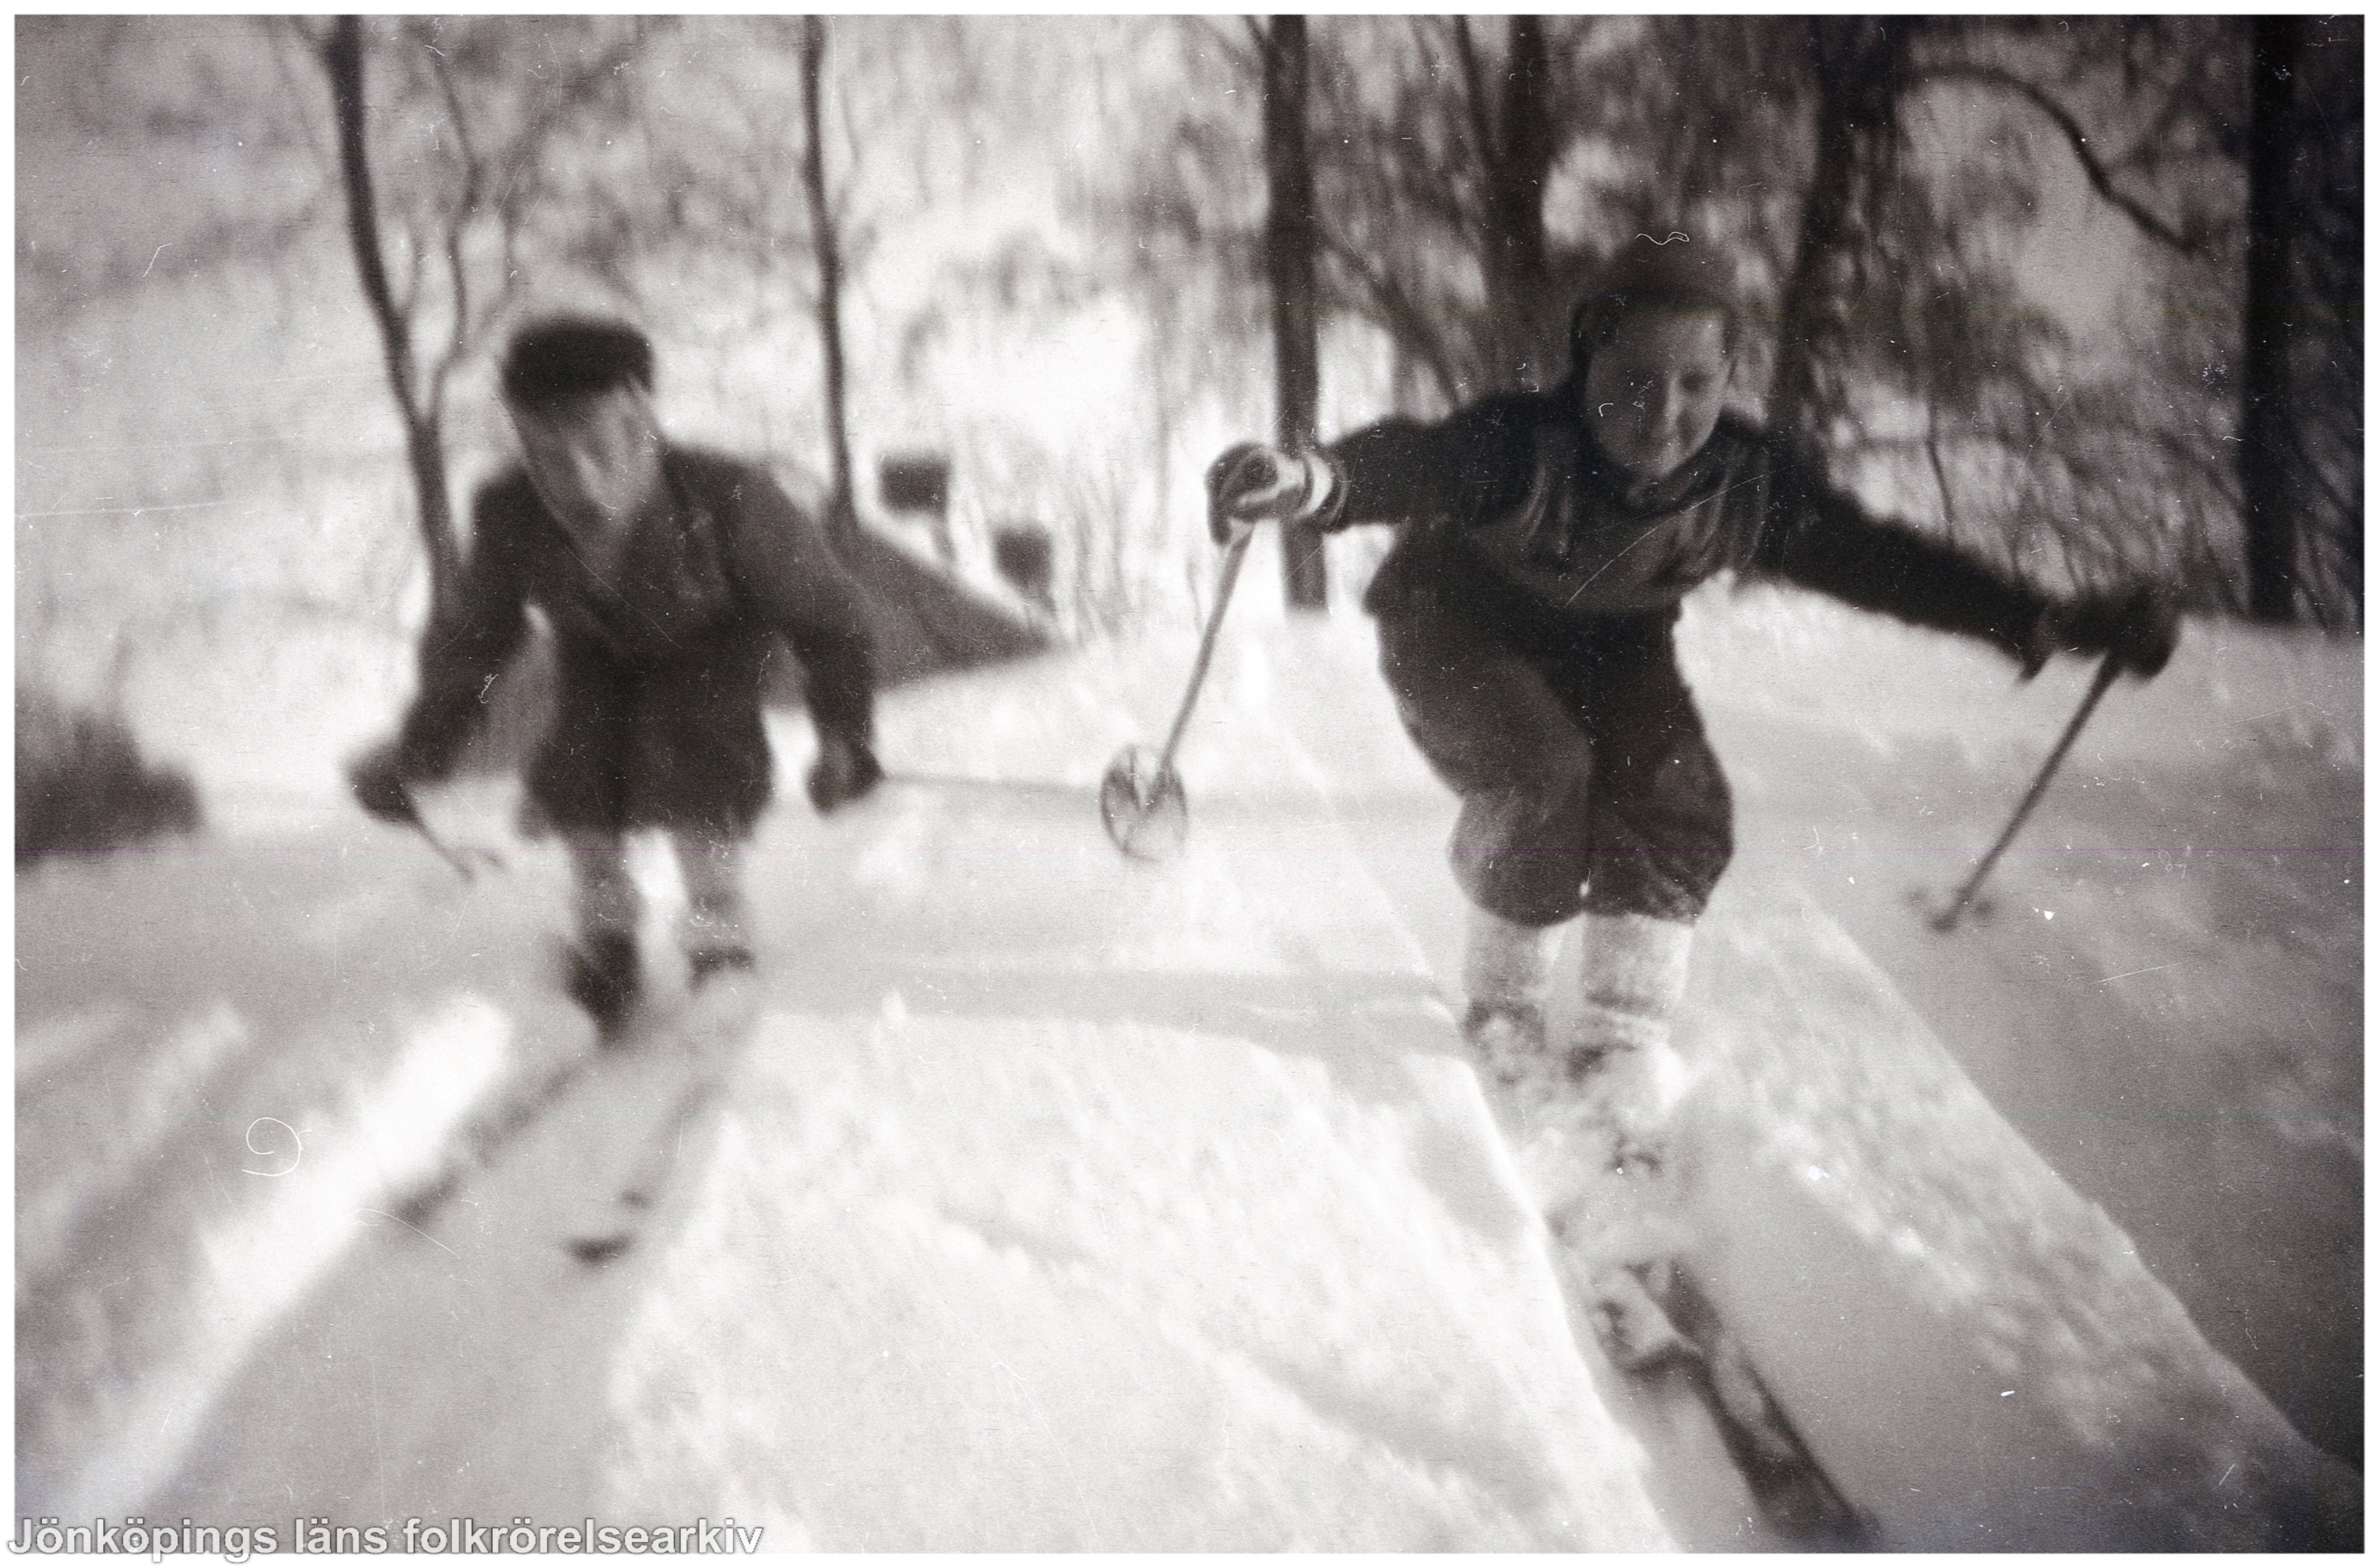 Två barn åker skidor nerför backe.